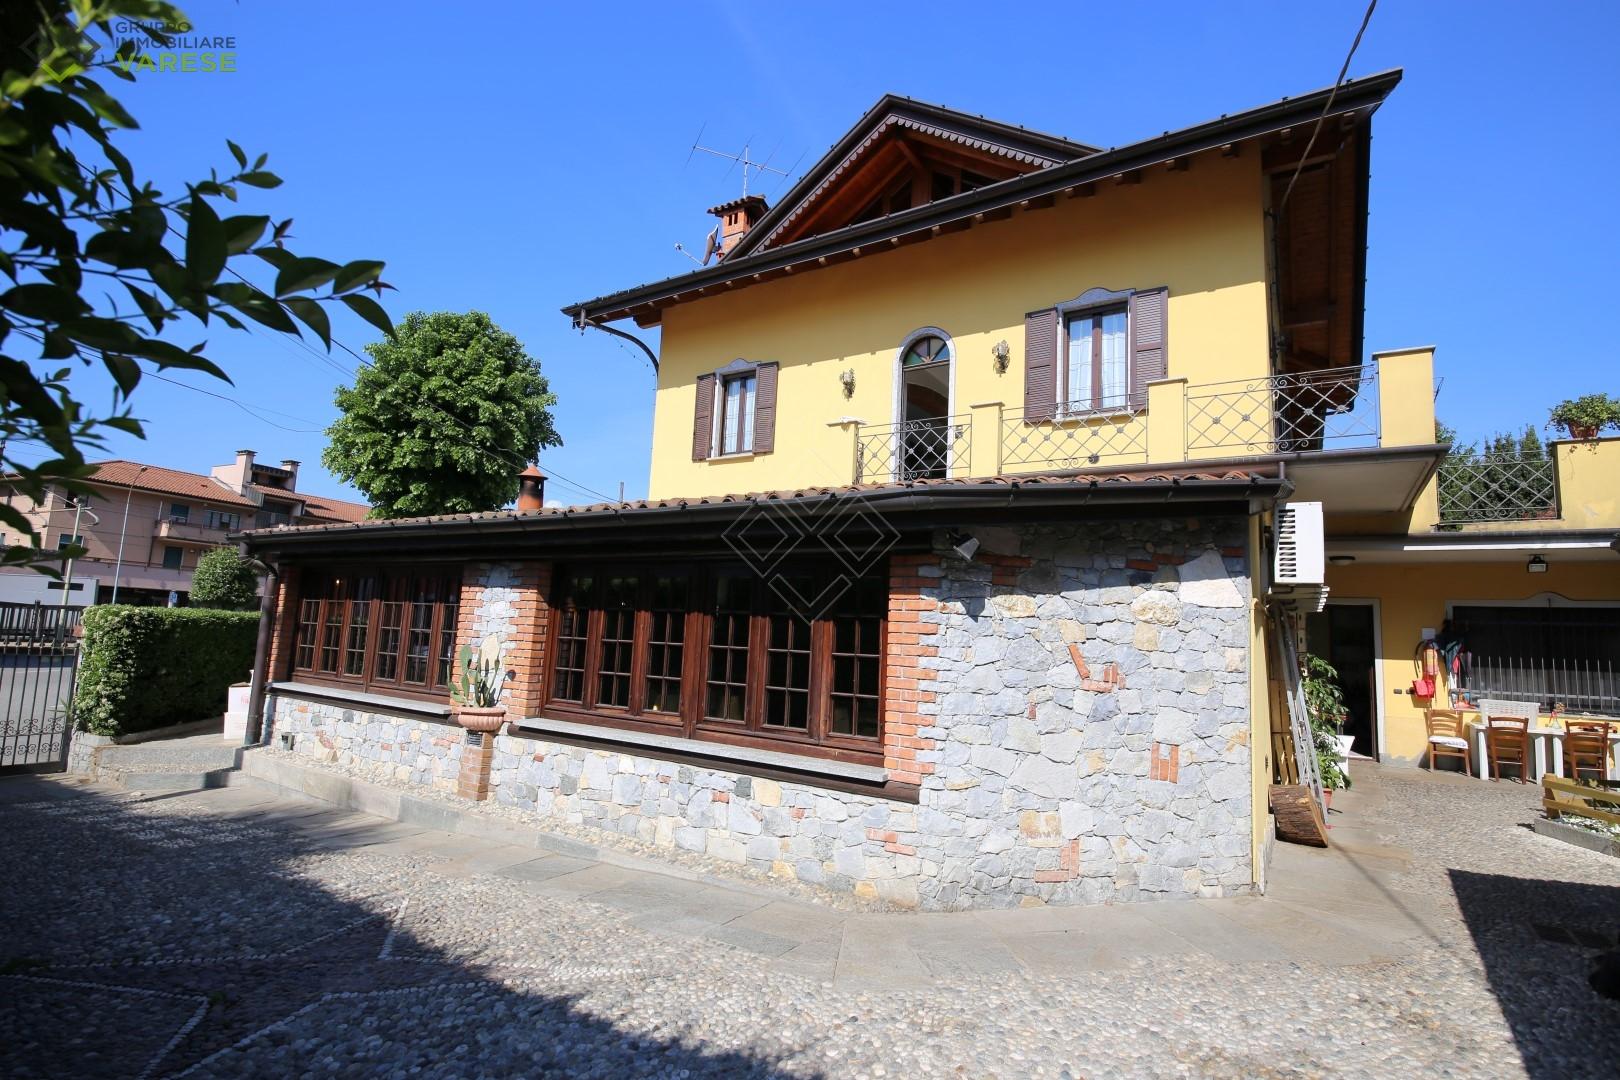 Attività / Licenza in vendita a Cocquio-Trevisago, 9999 locali, zona Zona: Cocquio, prezzo € 270.000 | CambioCasa.it